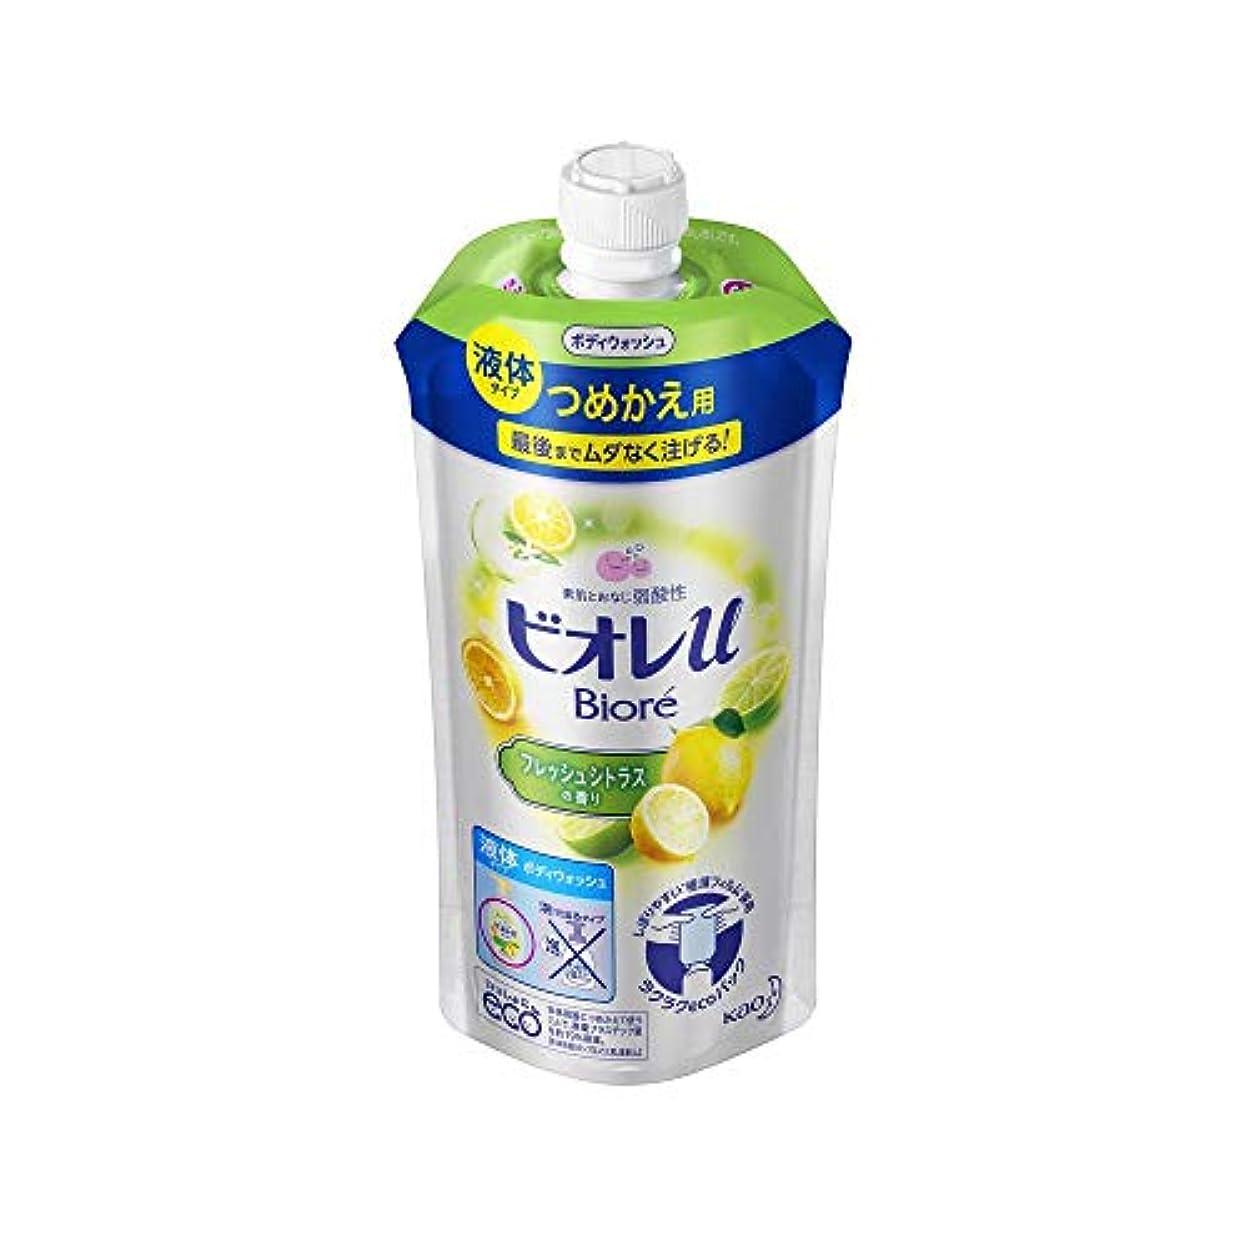 クレアもちろん自然花王 ビオレu フレッシュシトラスの香りつめかえ用 340ML